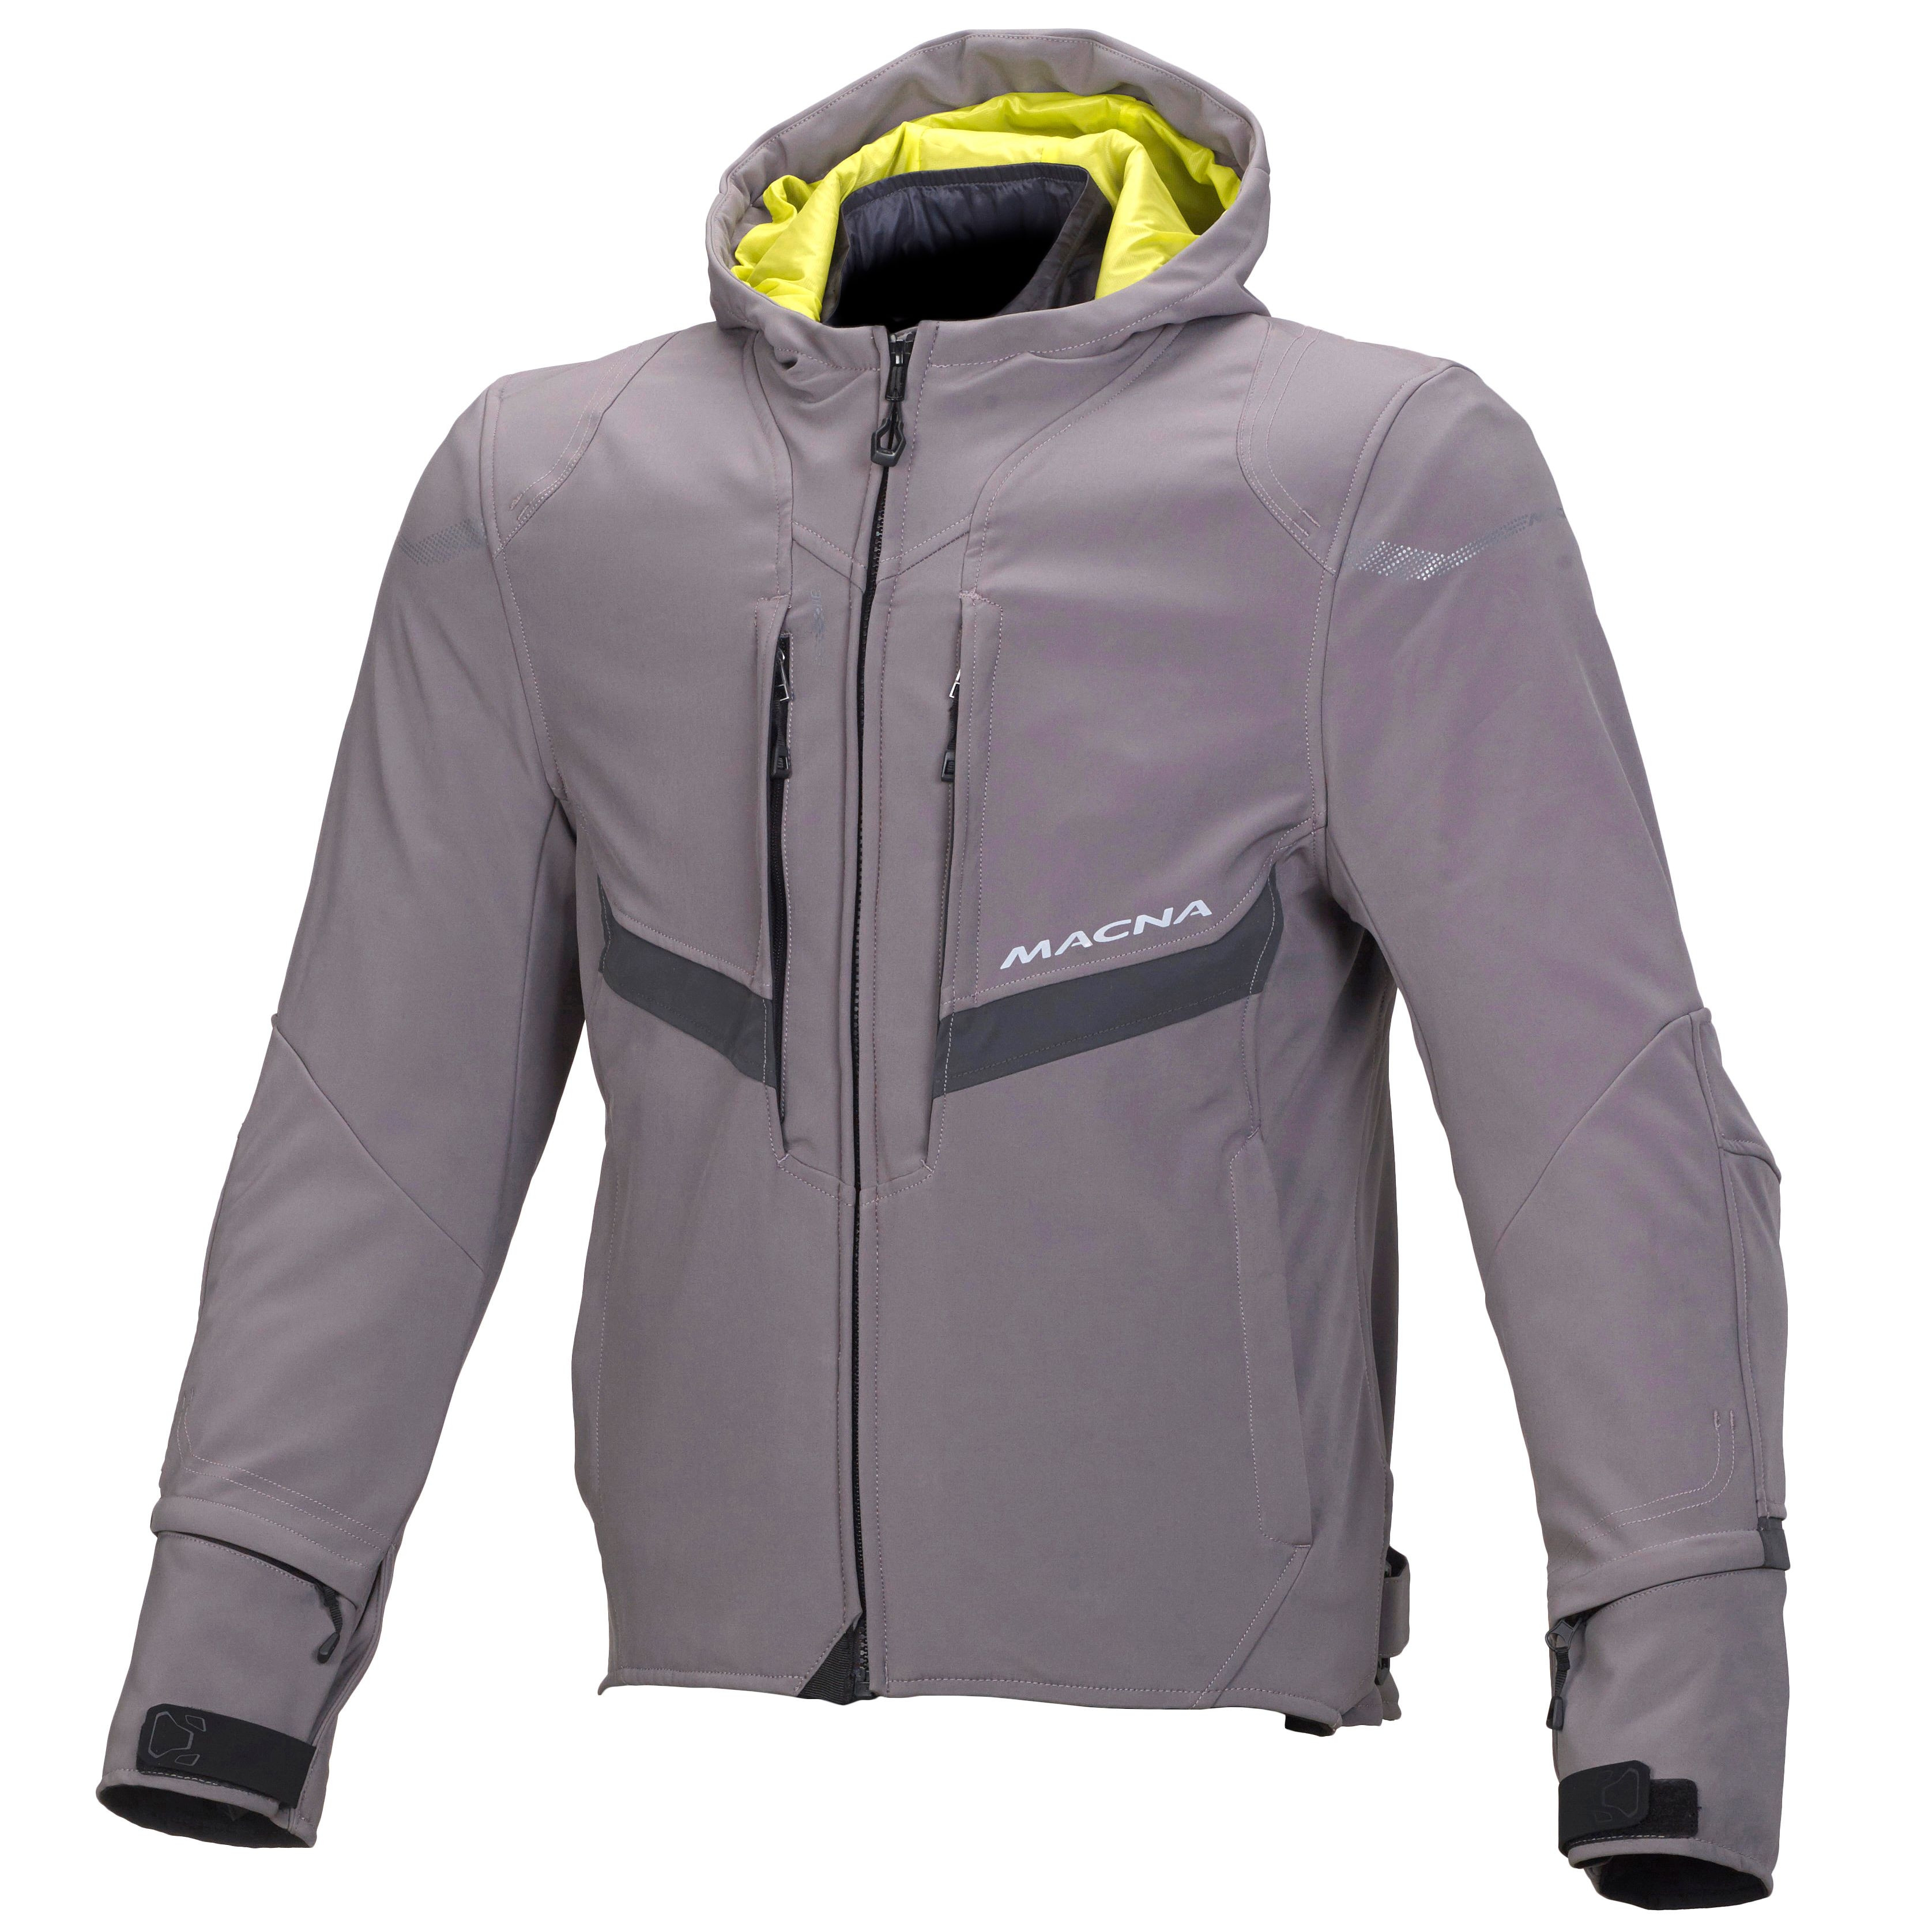 Macna jacket Habitat WP dark grey